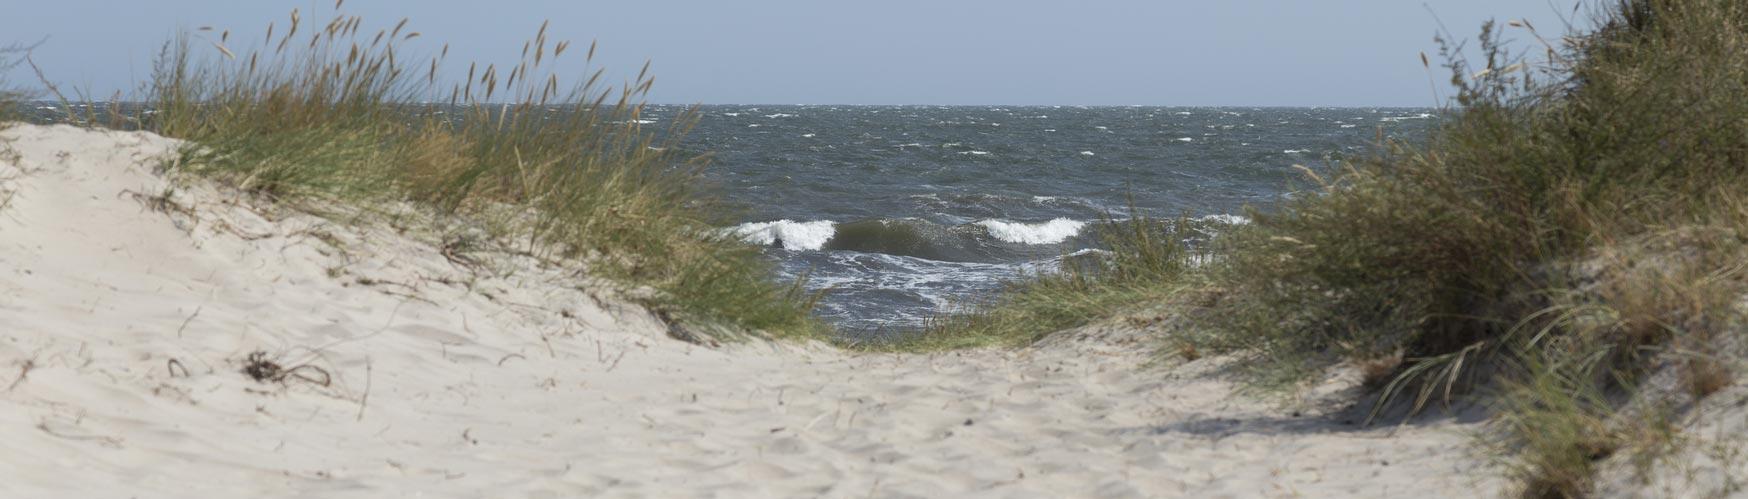 fjellerup strand ostjuetland daenemark strand